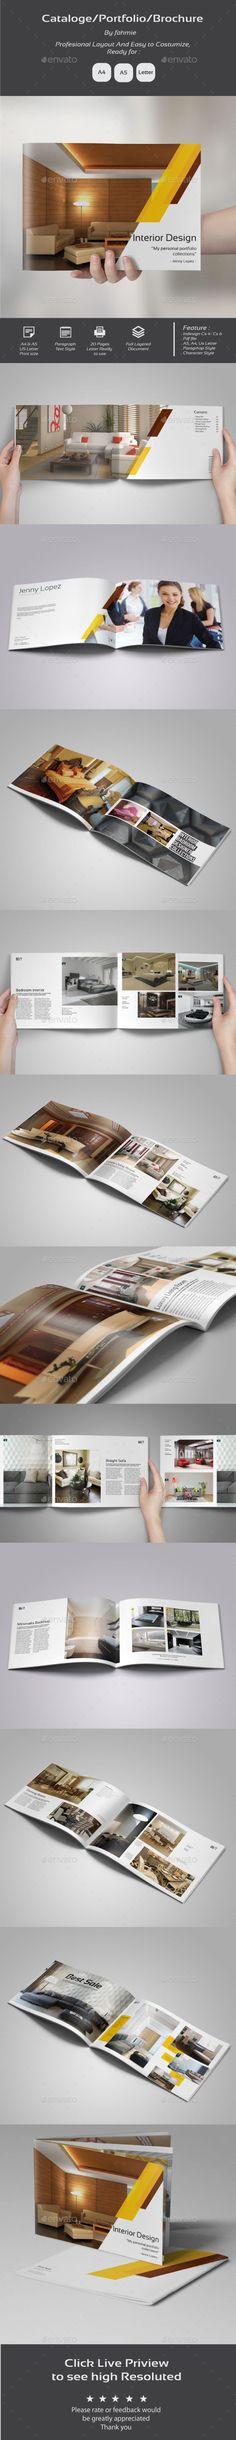 Multipurpose Portfolio #portfolio #interiors Download http://graphicriver.net/item/multipurpose-portfolio/11895294